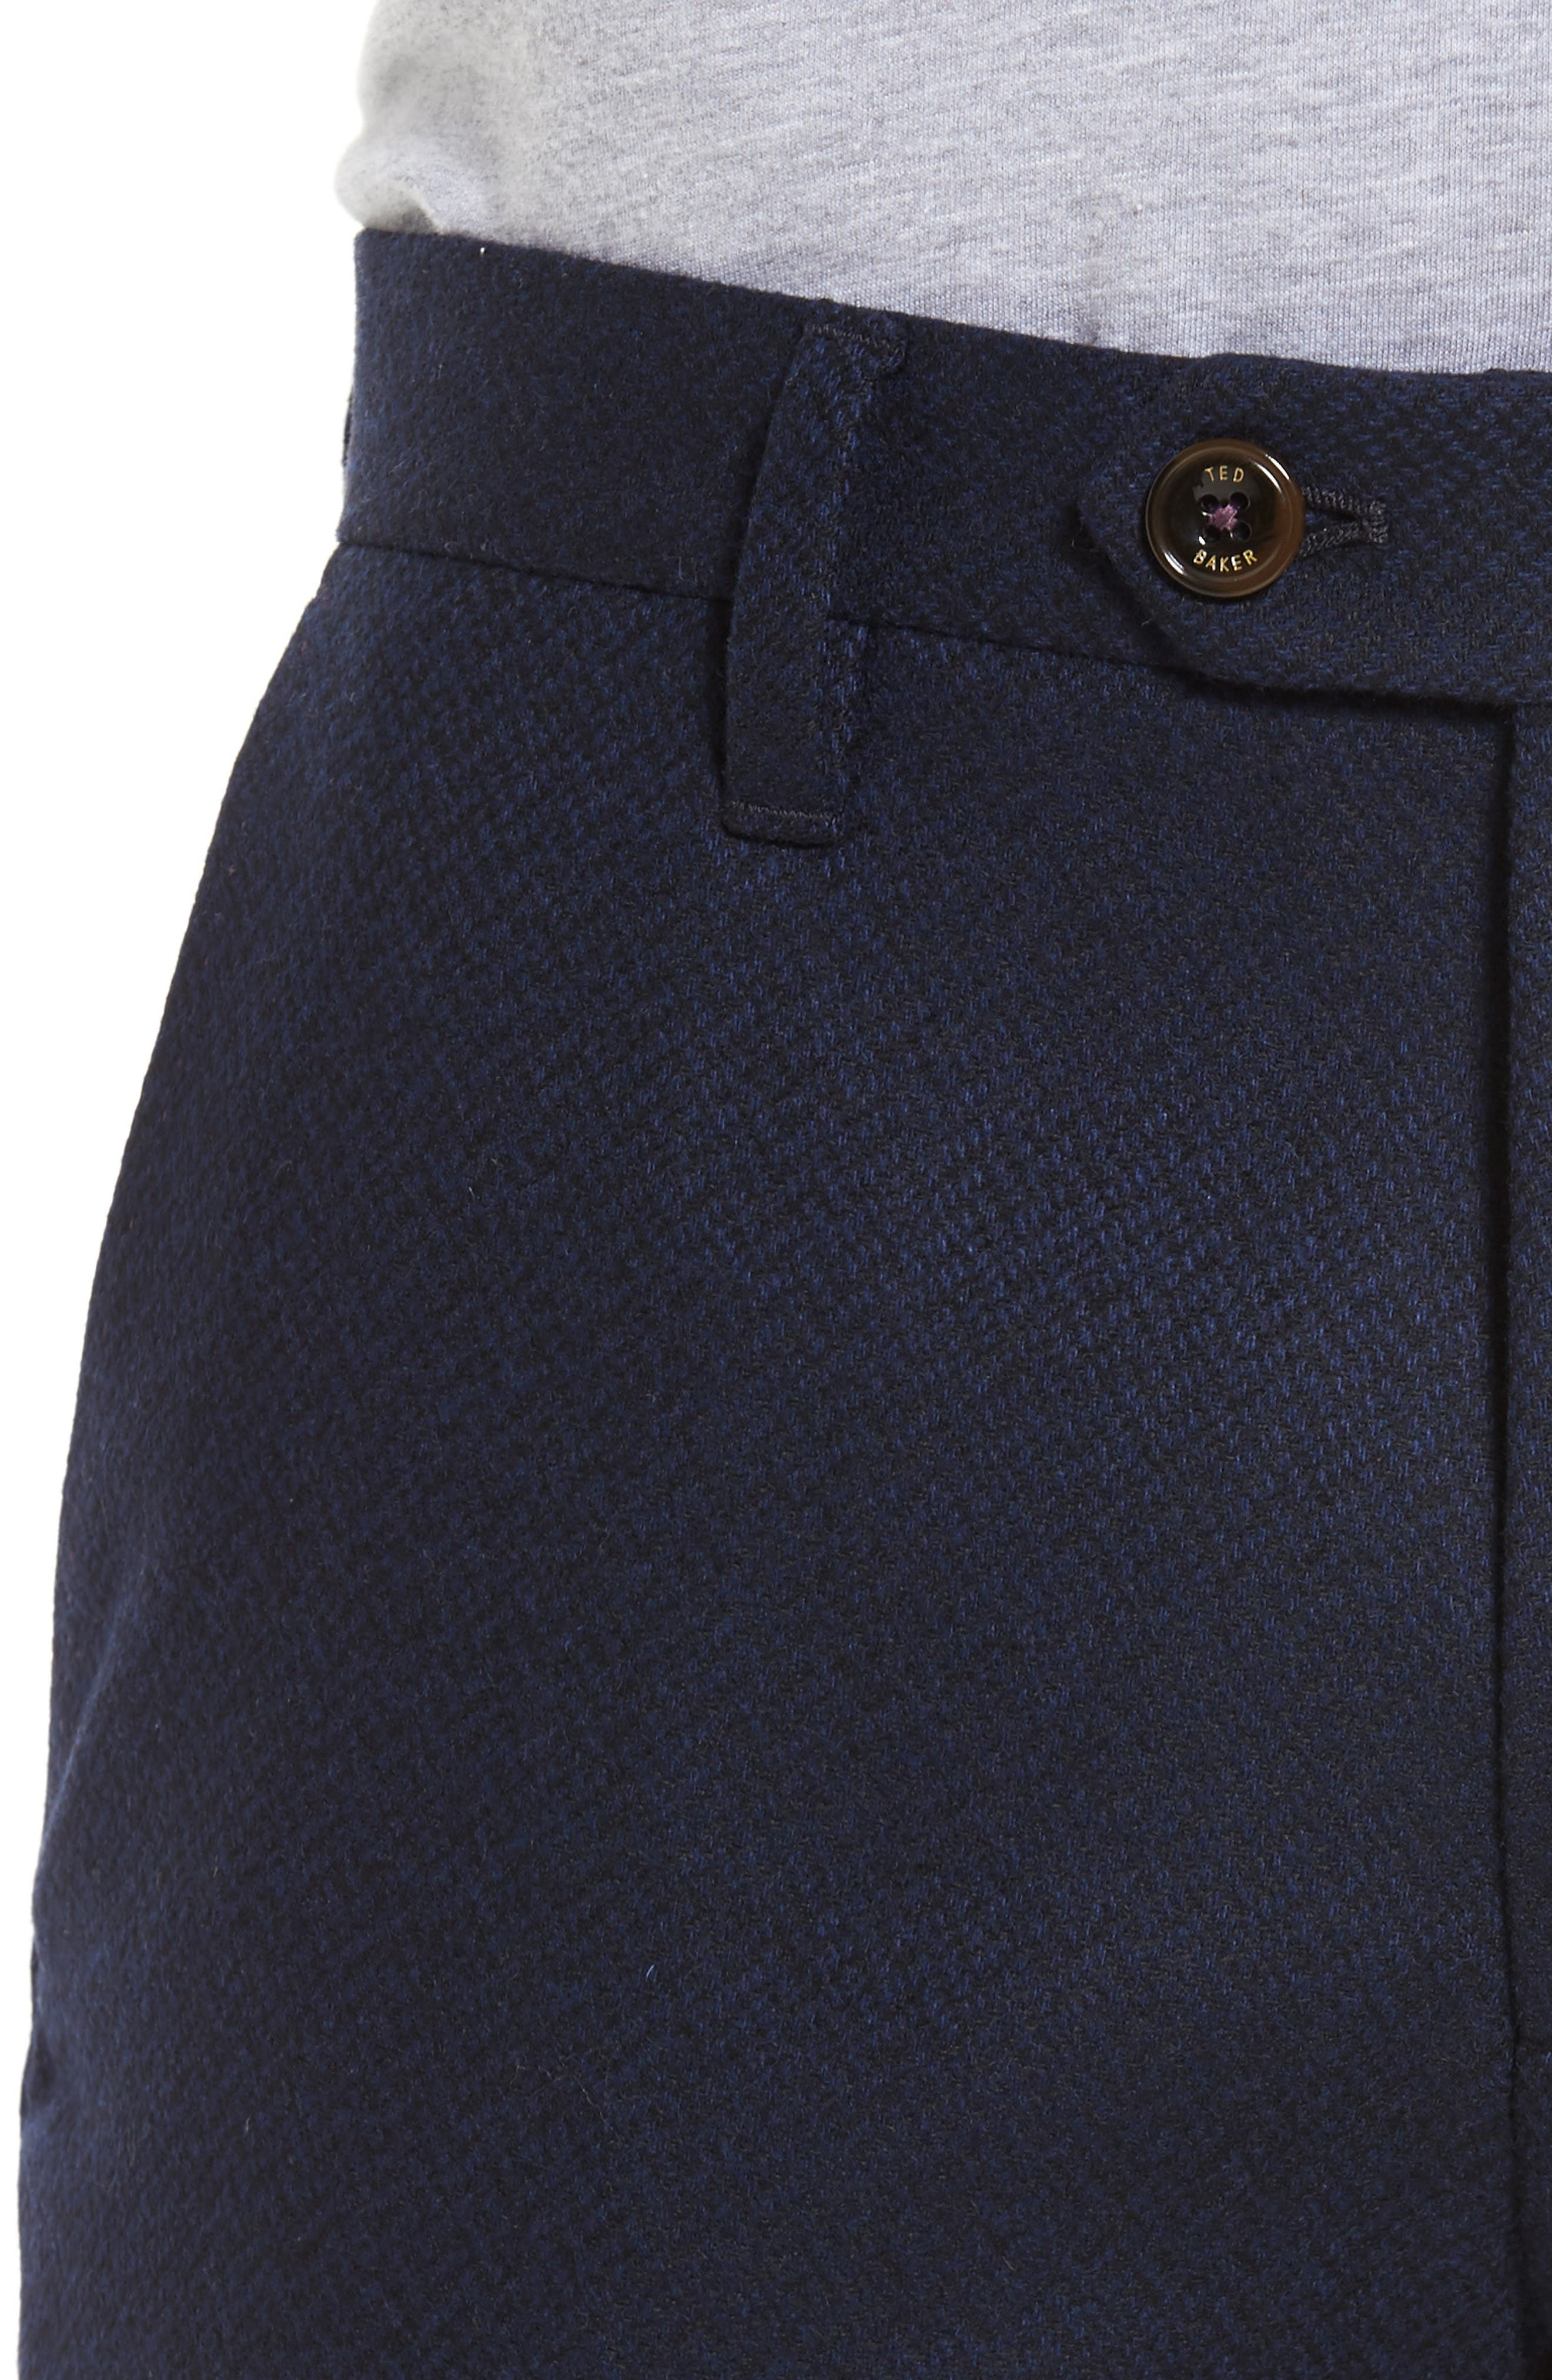 Glentro Semi Plain Wool Blend Trousers,                             Alternate thumbnail 4, color,                             410